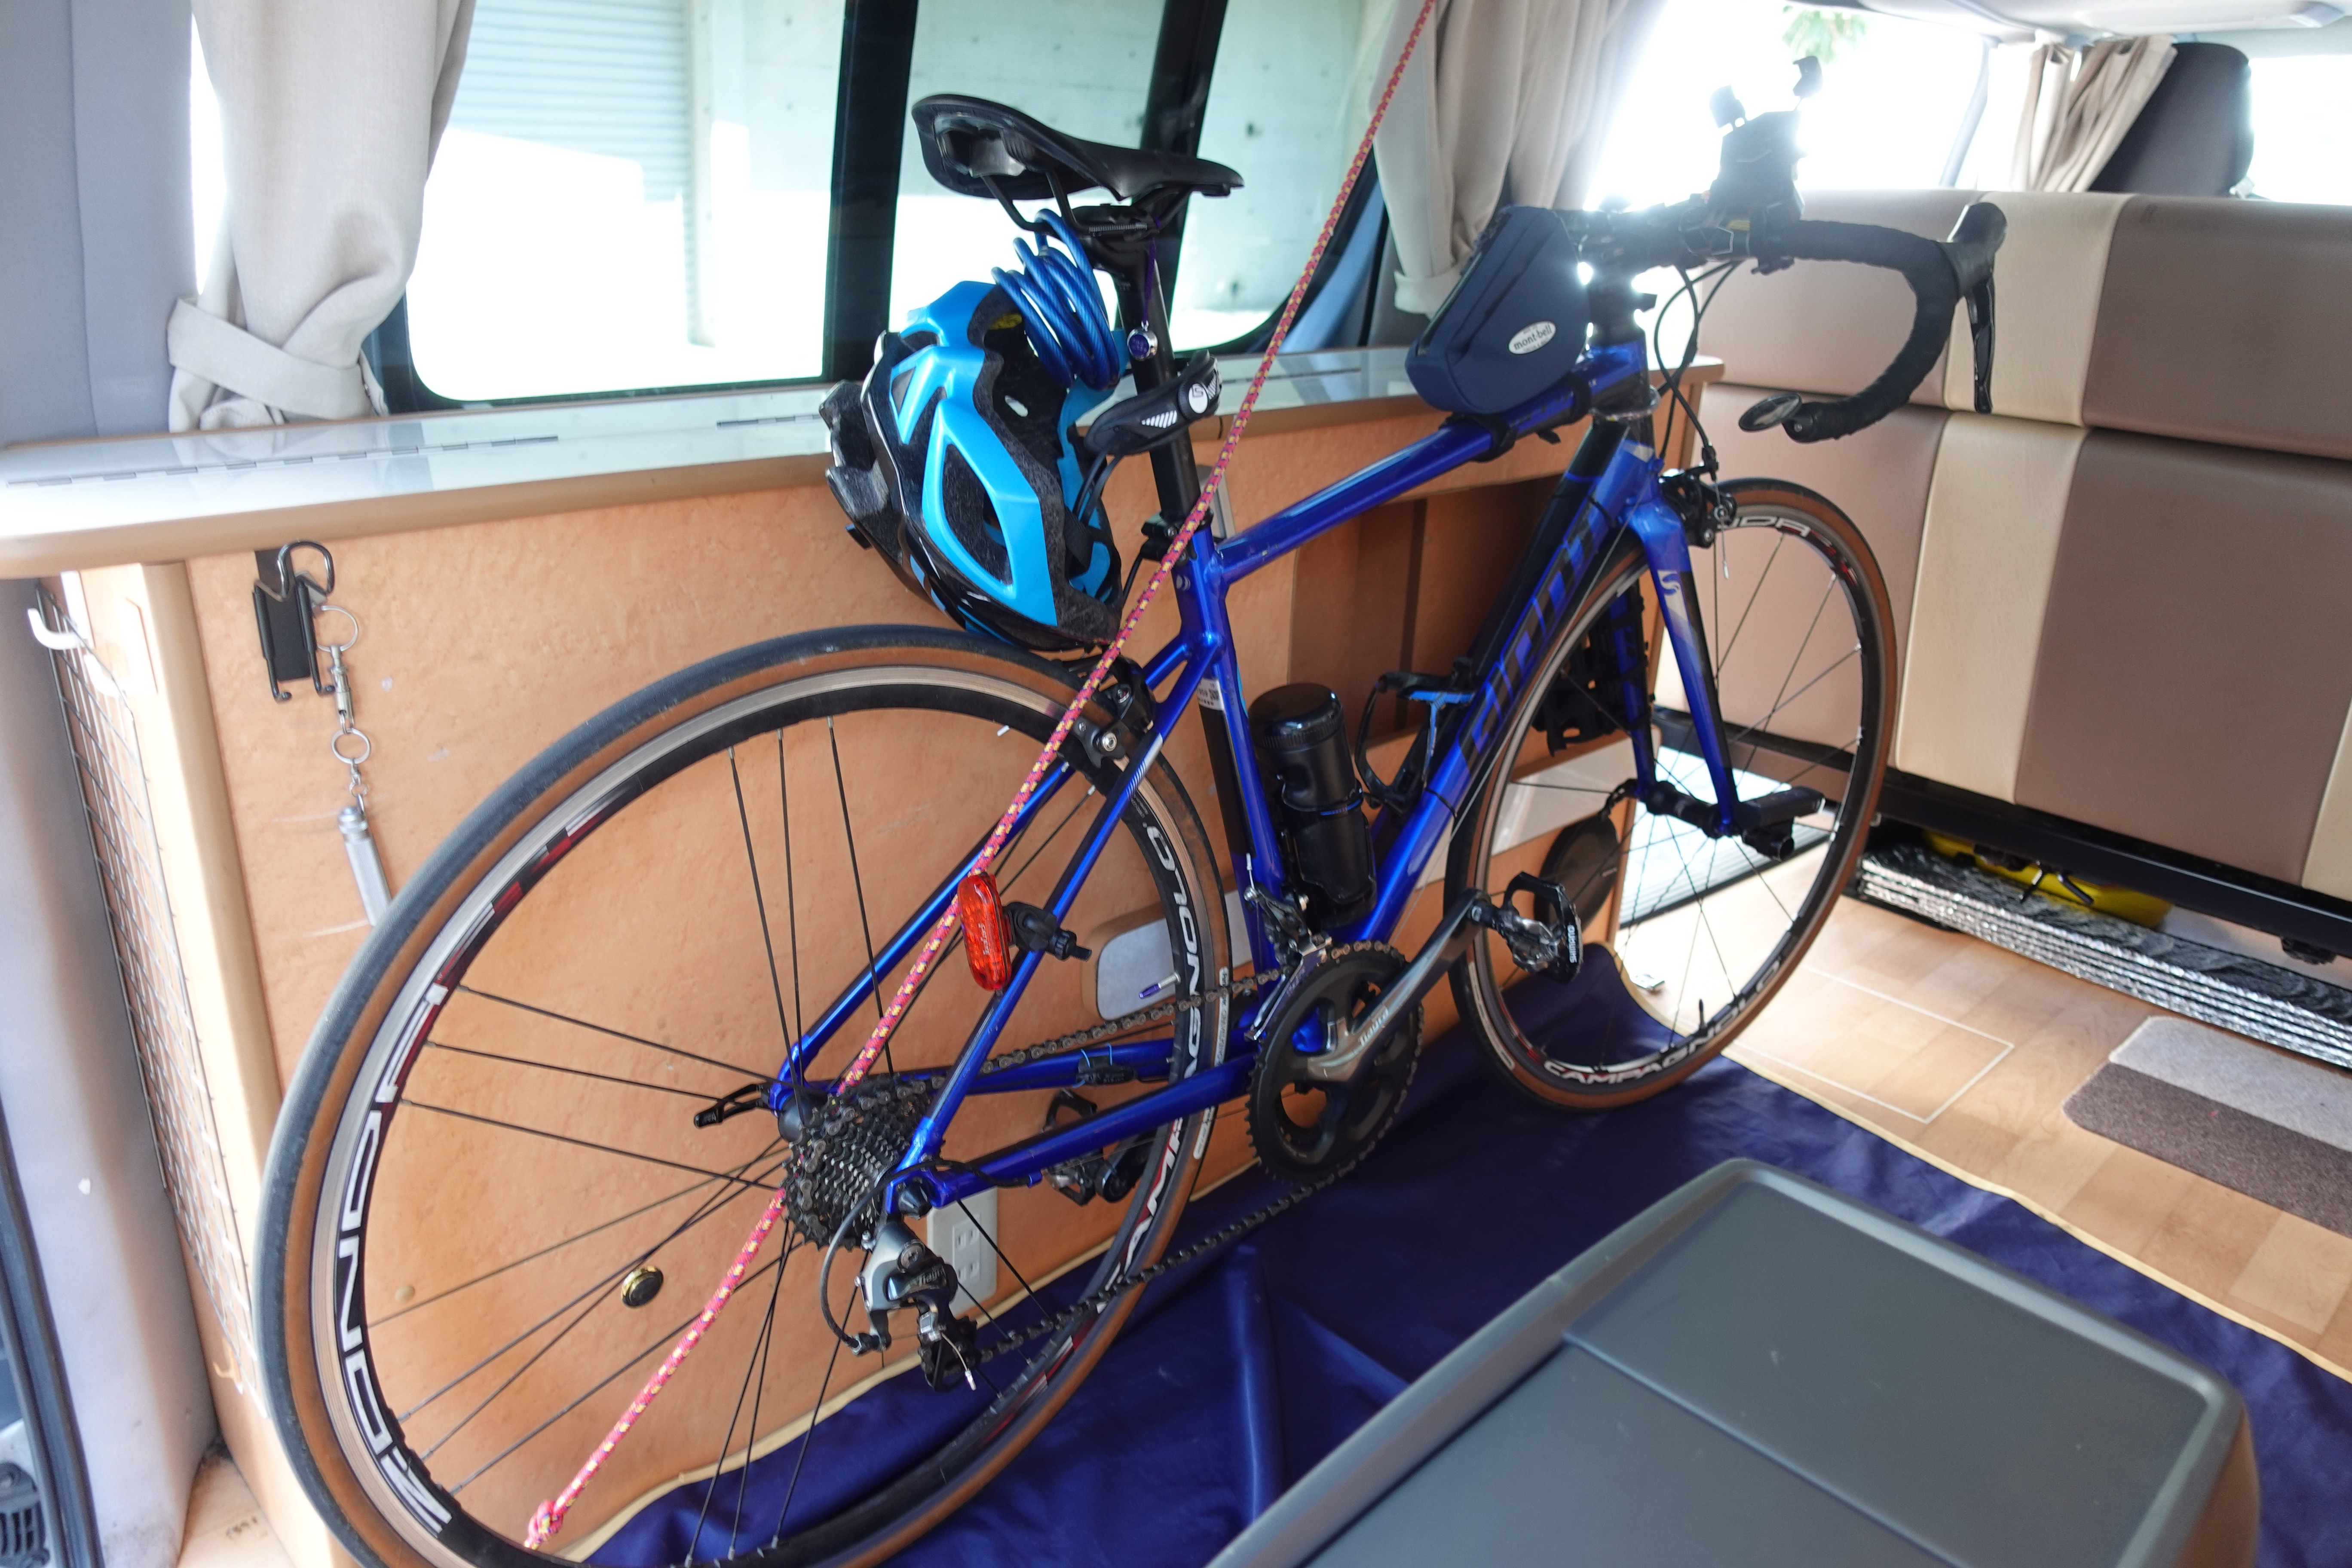 (3)内観(全体) ハイエースならではの大きな荷室に自転車を3台積載できます(自転車の大きさにもよります)。バイクも積載可能です。